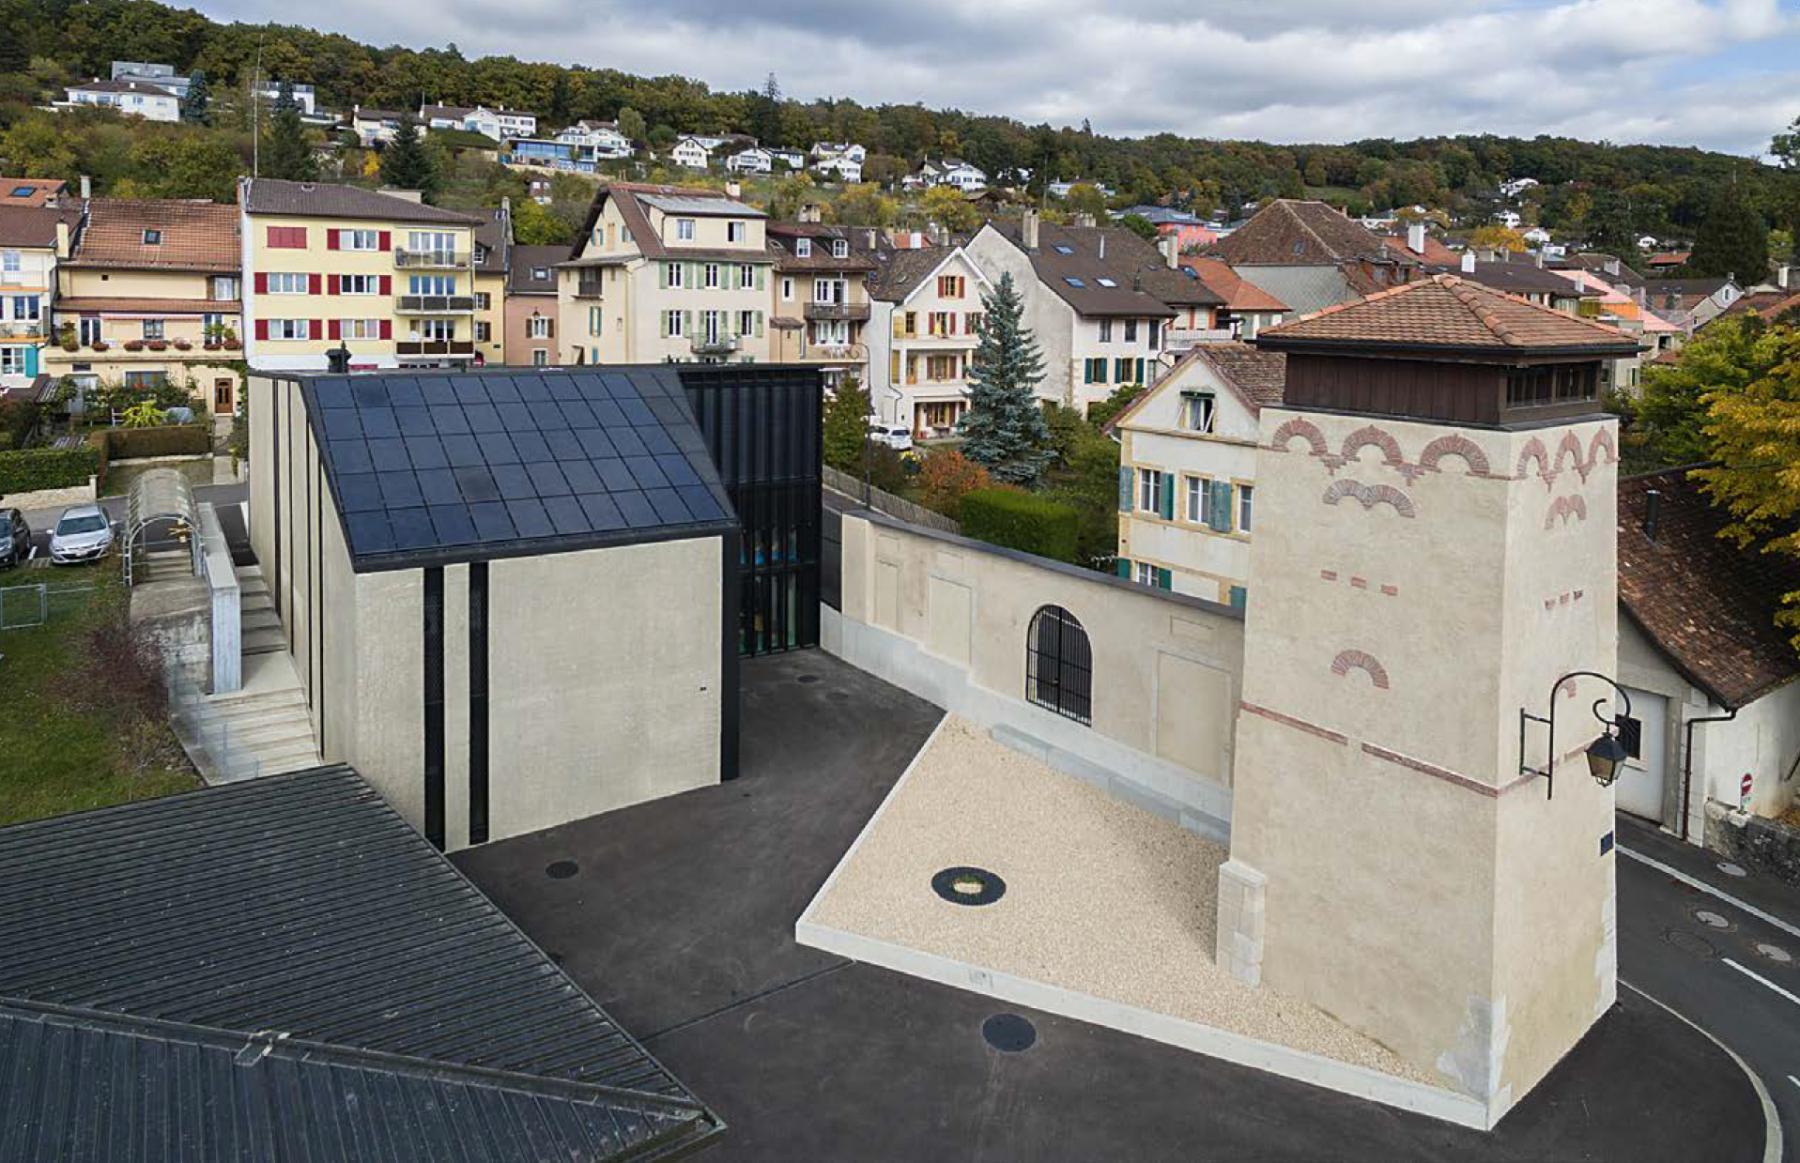 Projet de structure d'accueil, rue de la Croix, Corcelles-Cormondrèche, Fournier Maccagnan architectes, IL NEIGE DANS MON JARDIN